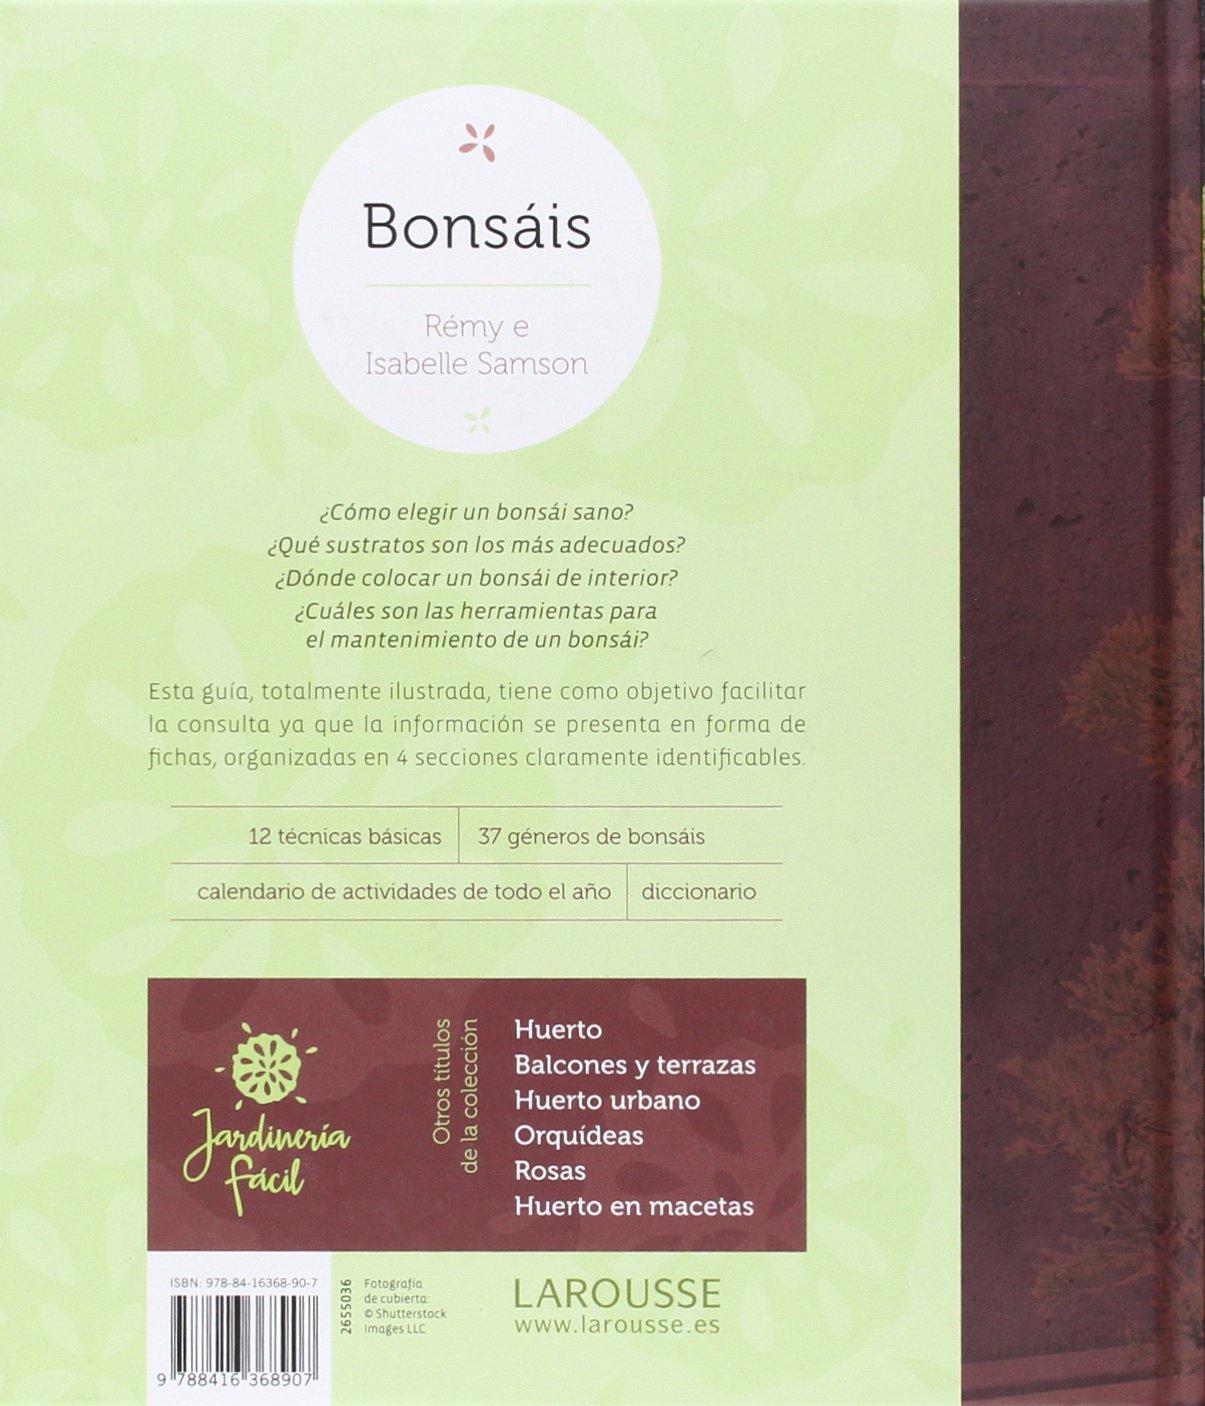 Bonsáis Larousse - Libros Ilustrados/ Prácticos - Ocio Y ...